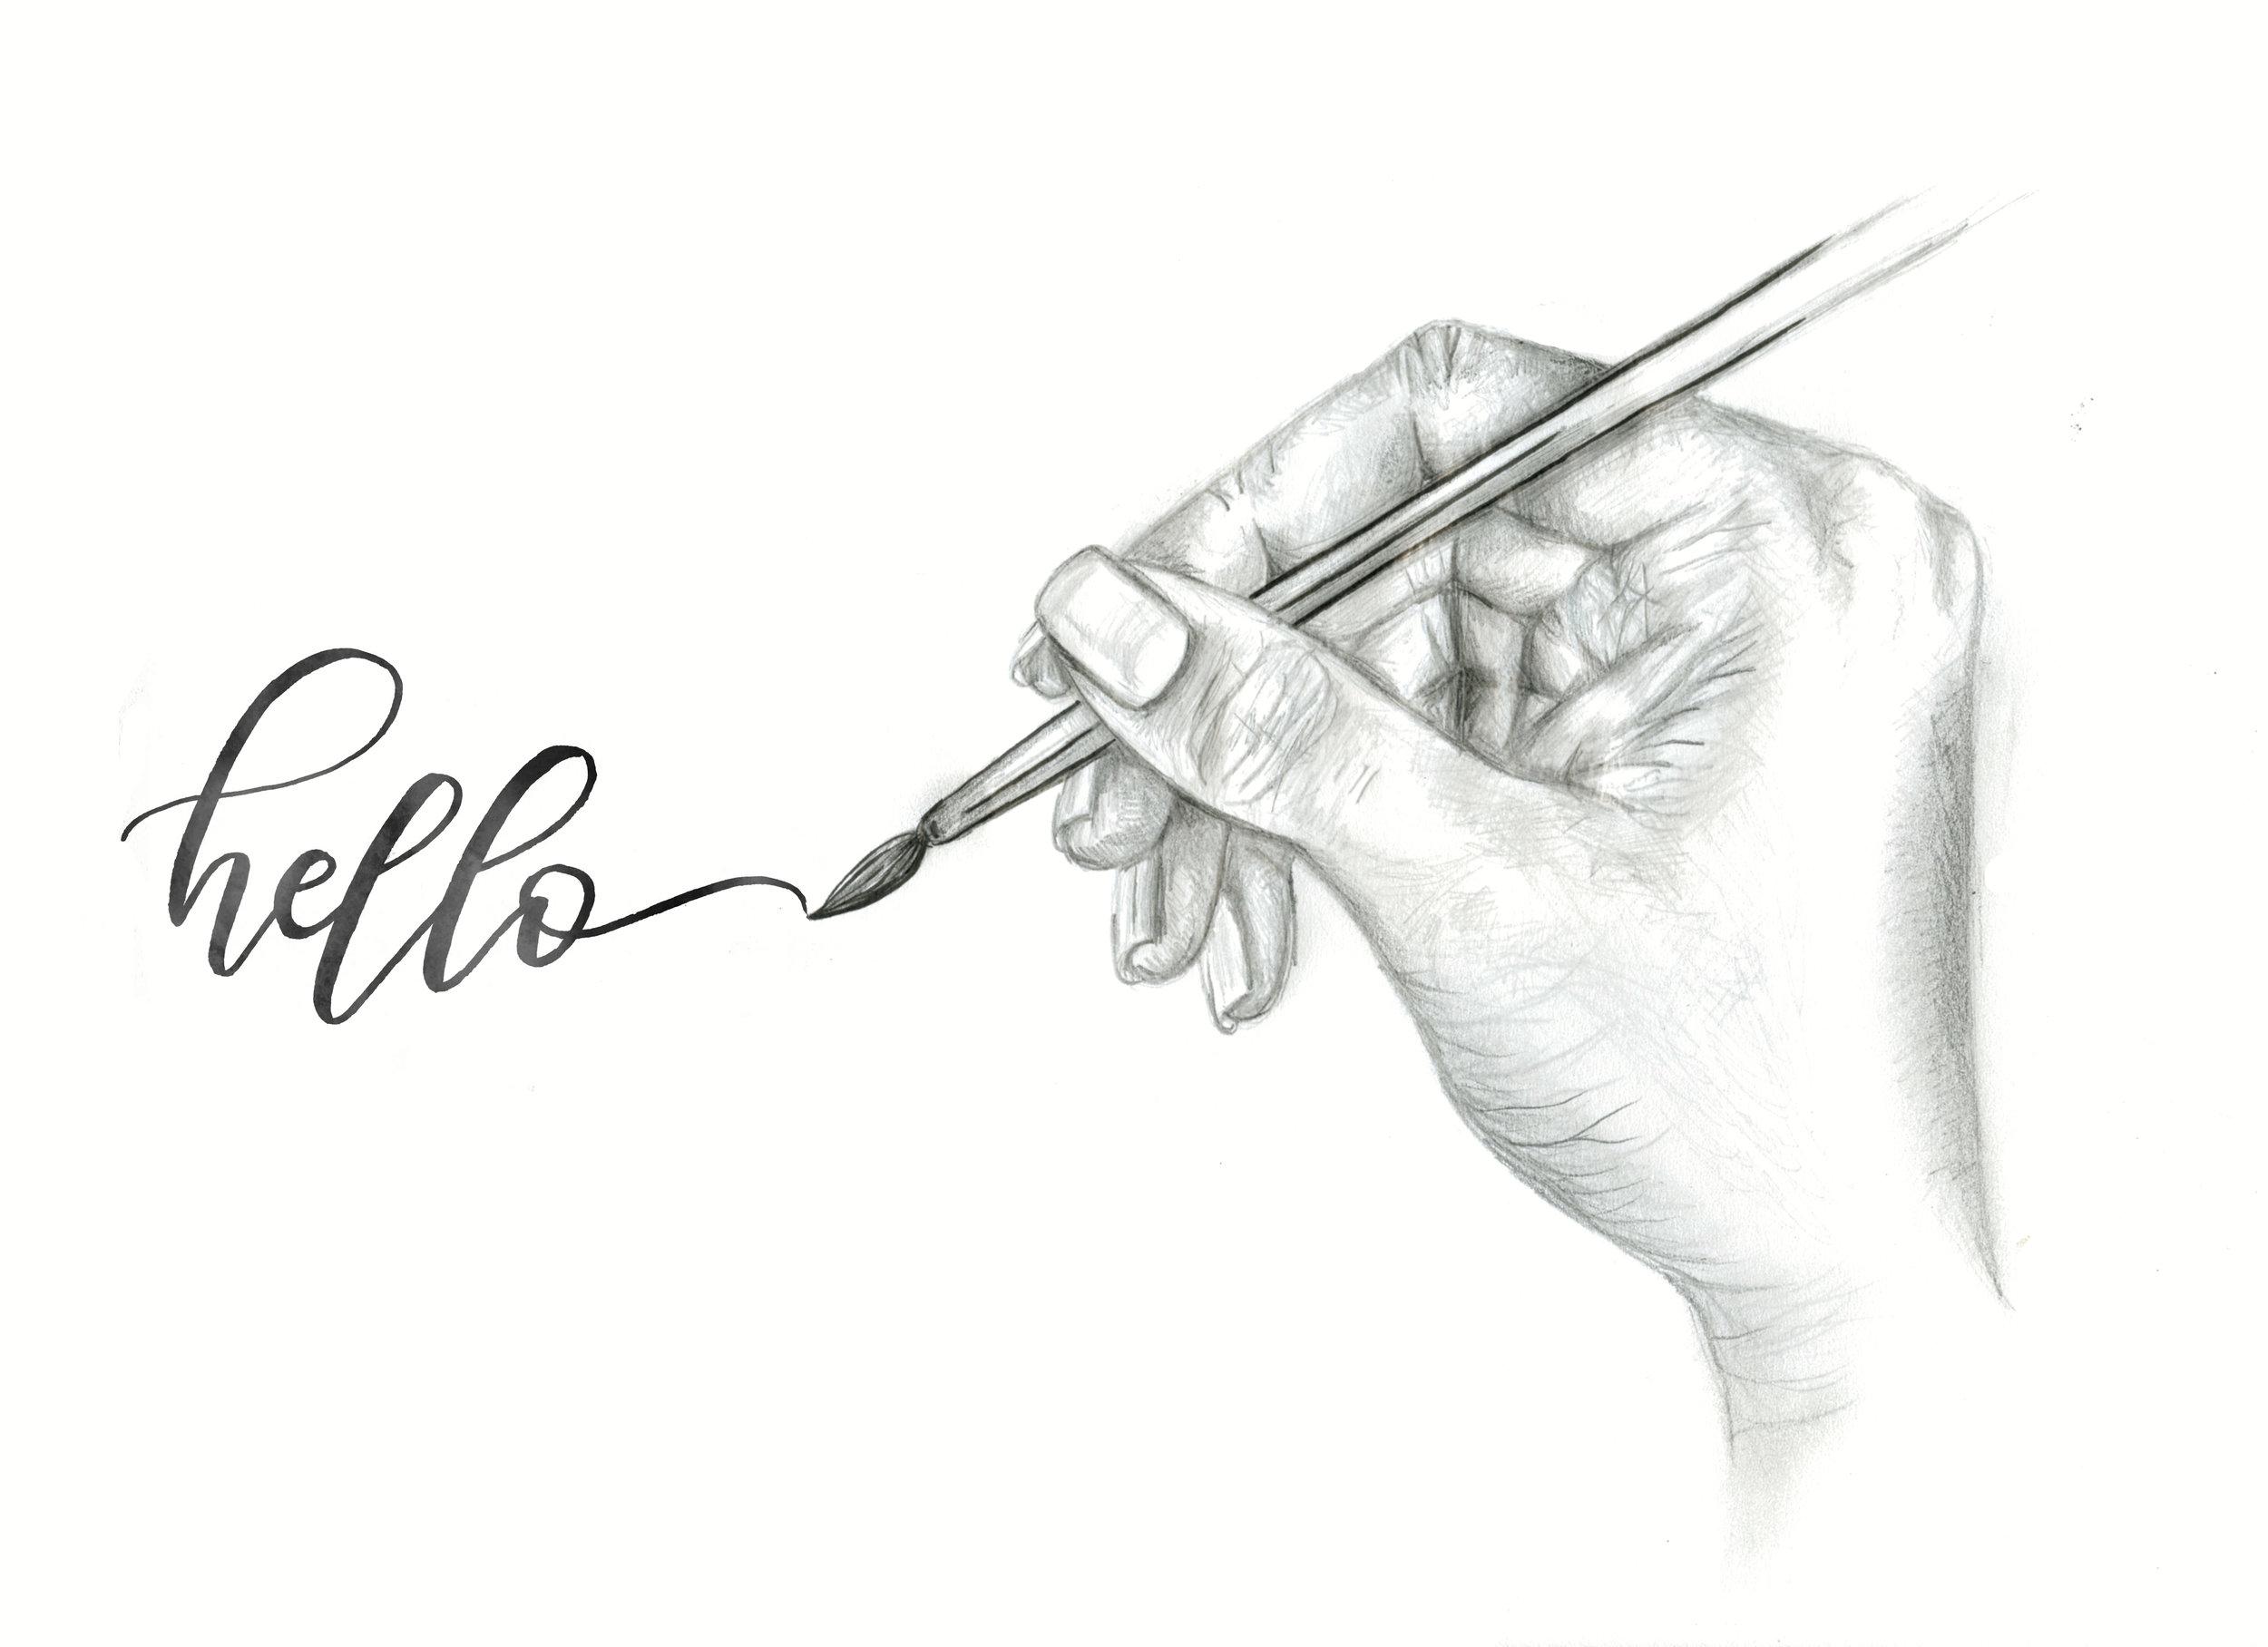 Holding_Pen.jpg